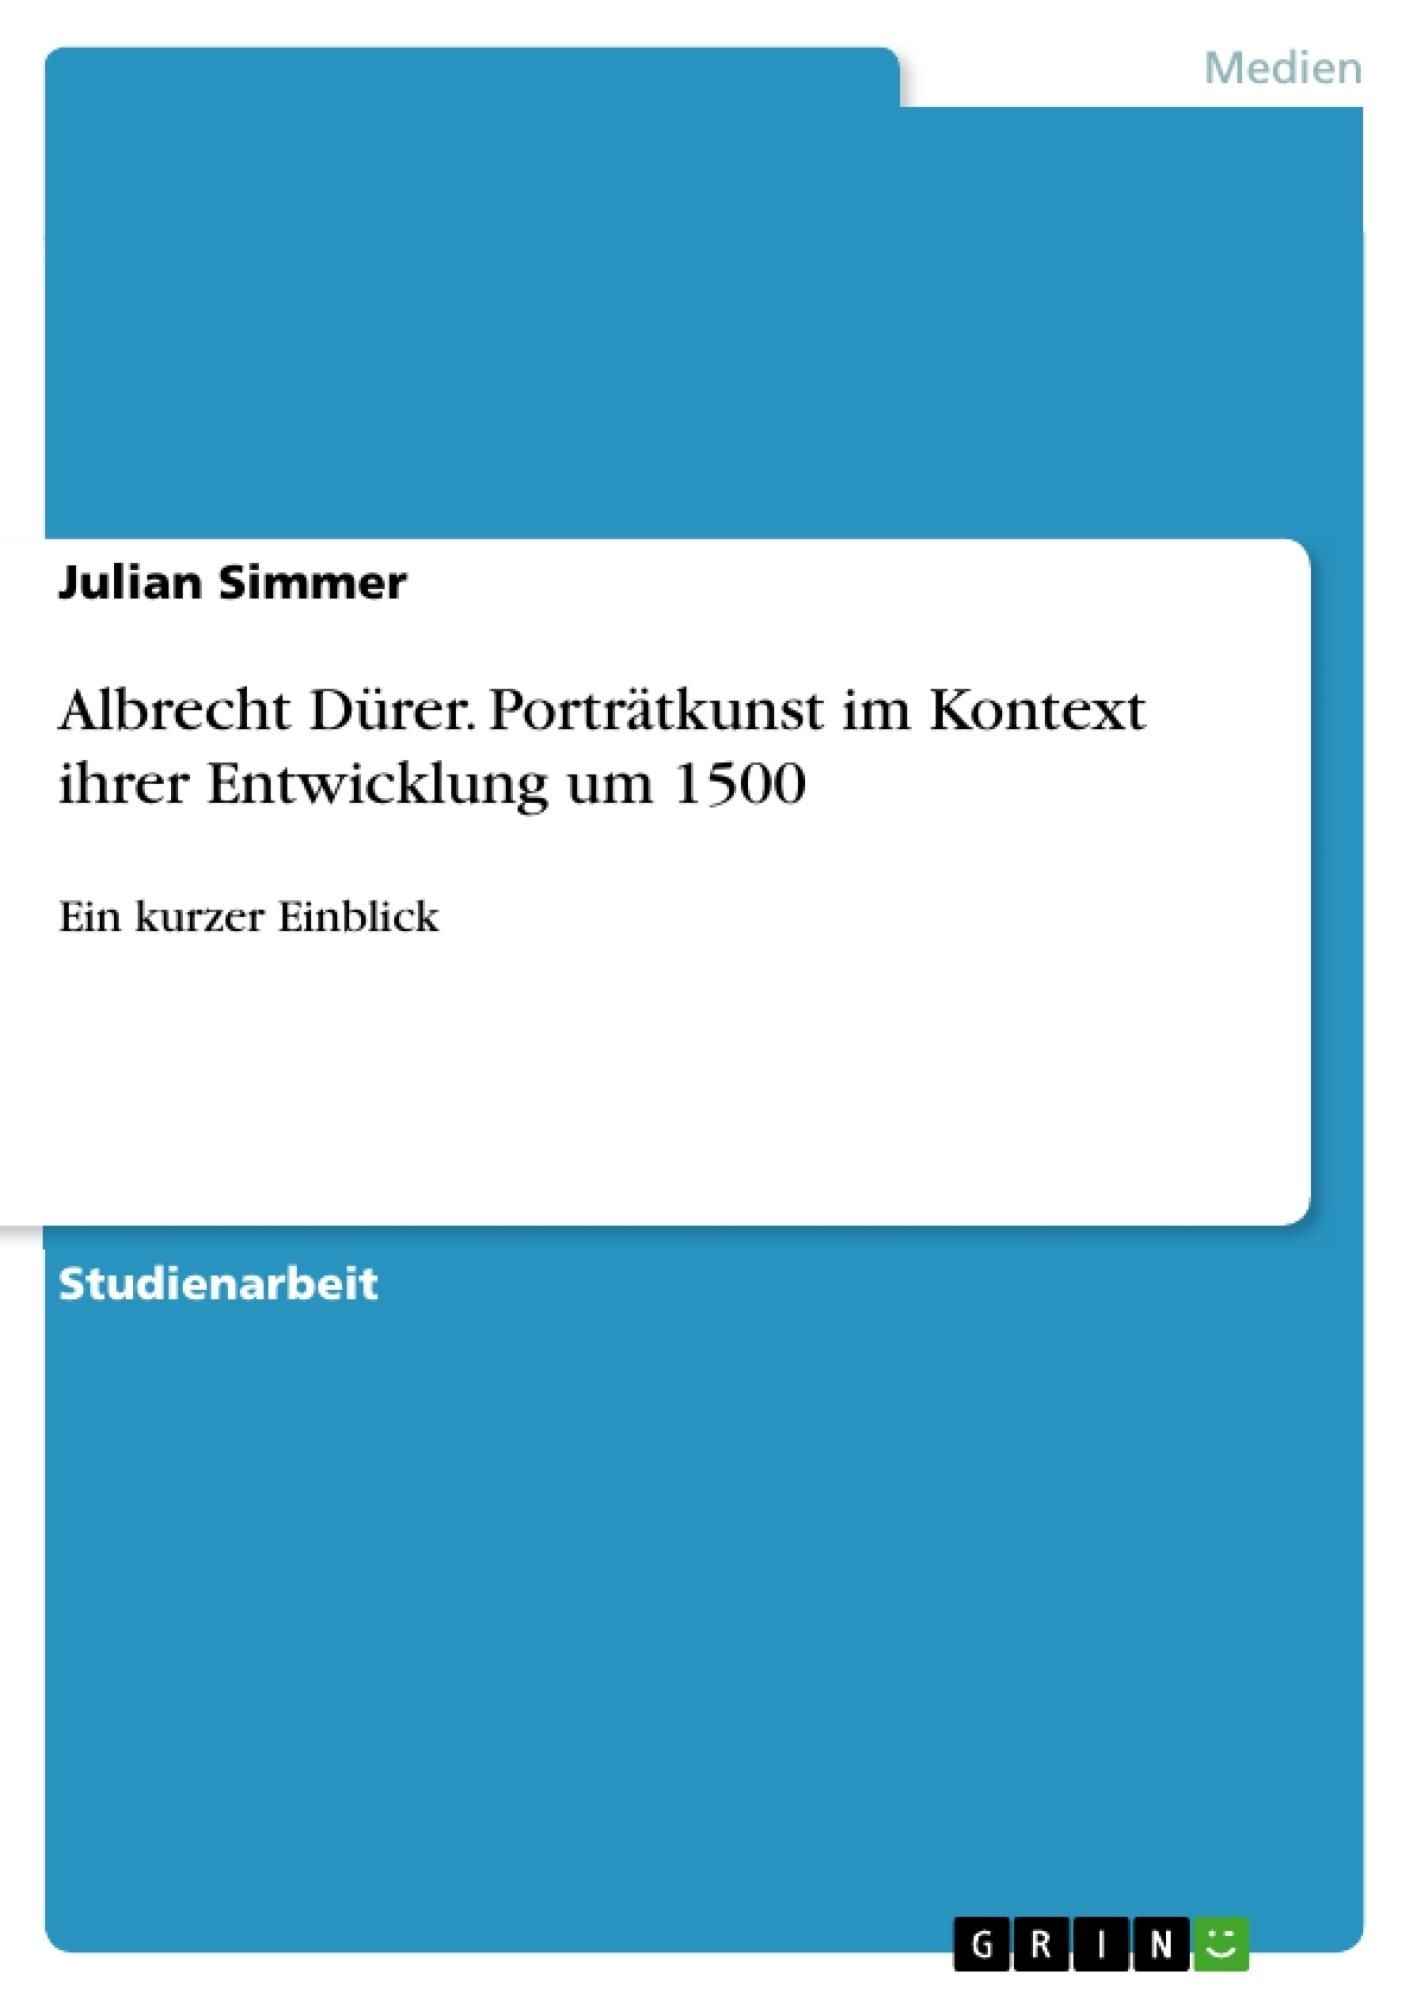 Titel: Albrecht Dürer. Porträtkunst im Kontext ihrer Entwicklung um 1500